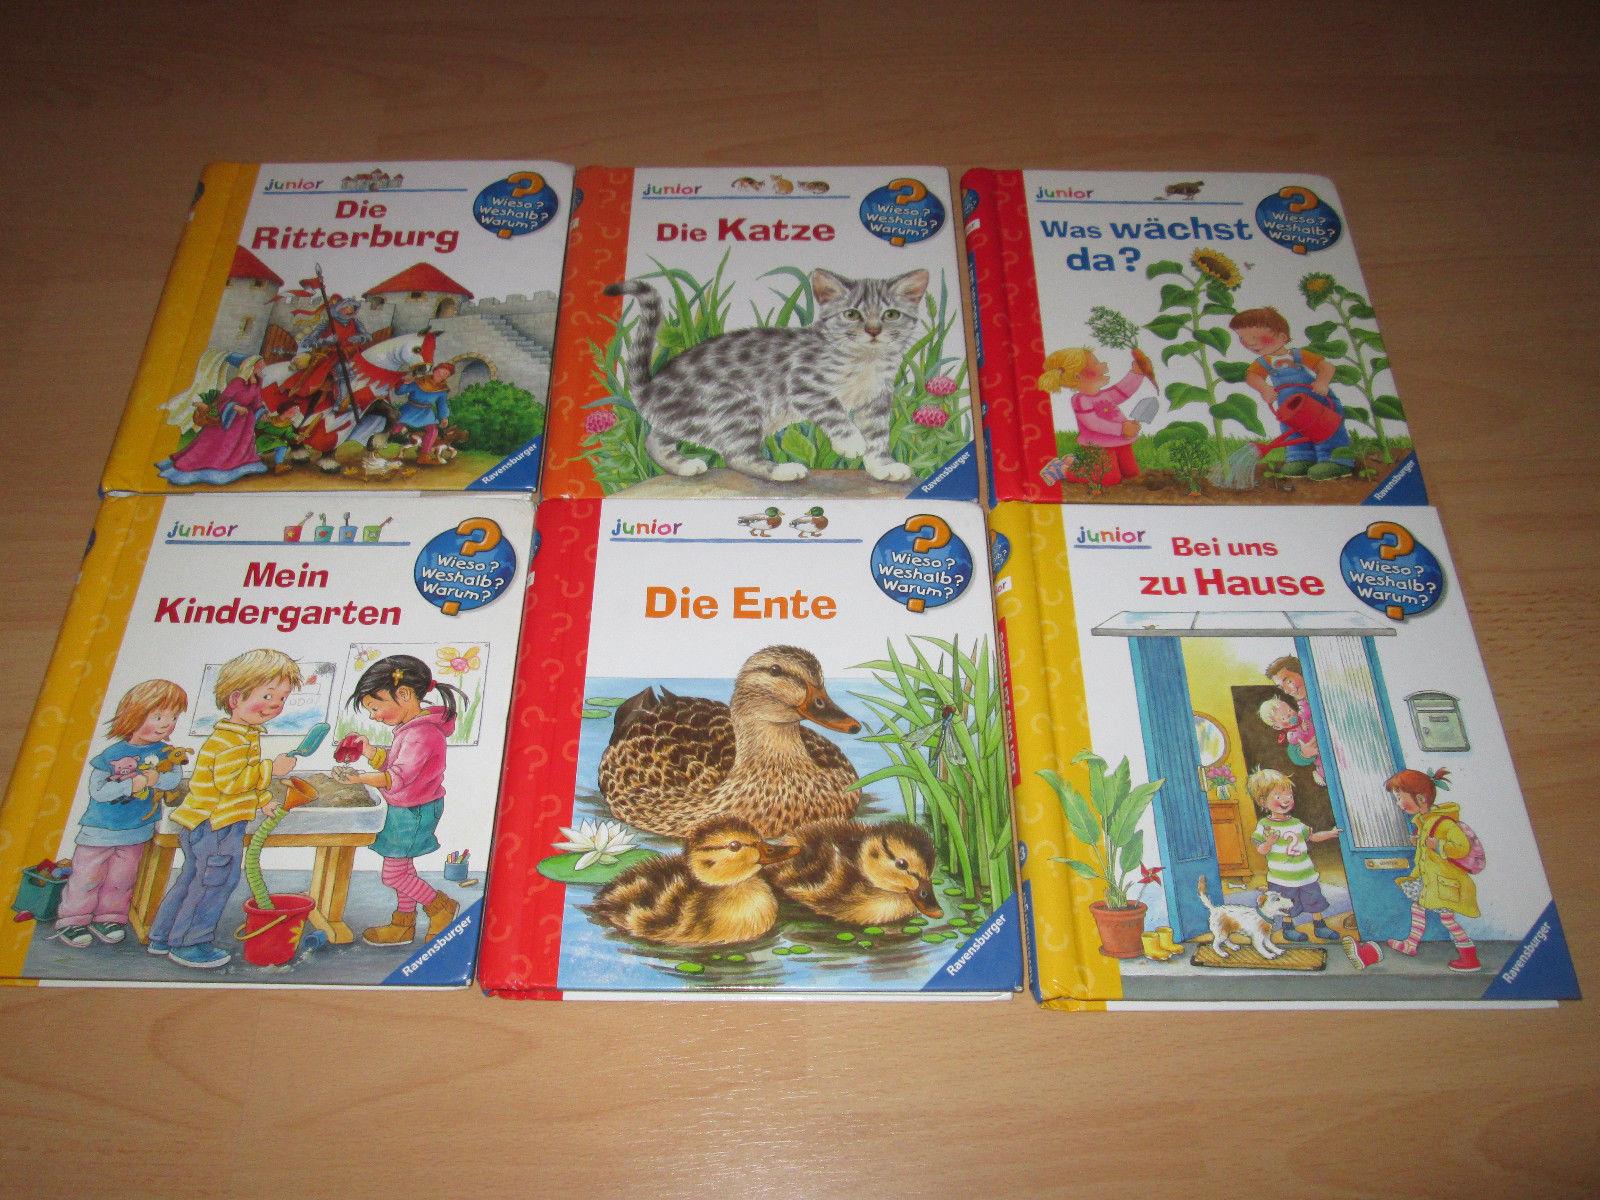 Paket mit 6 Kindersachbüchern WIESO WESHALB WARUM JUNIOR (Ravensburger)